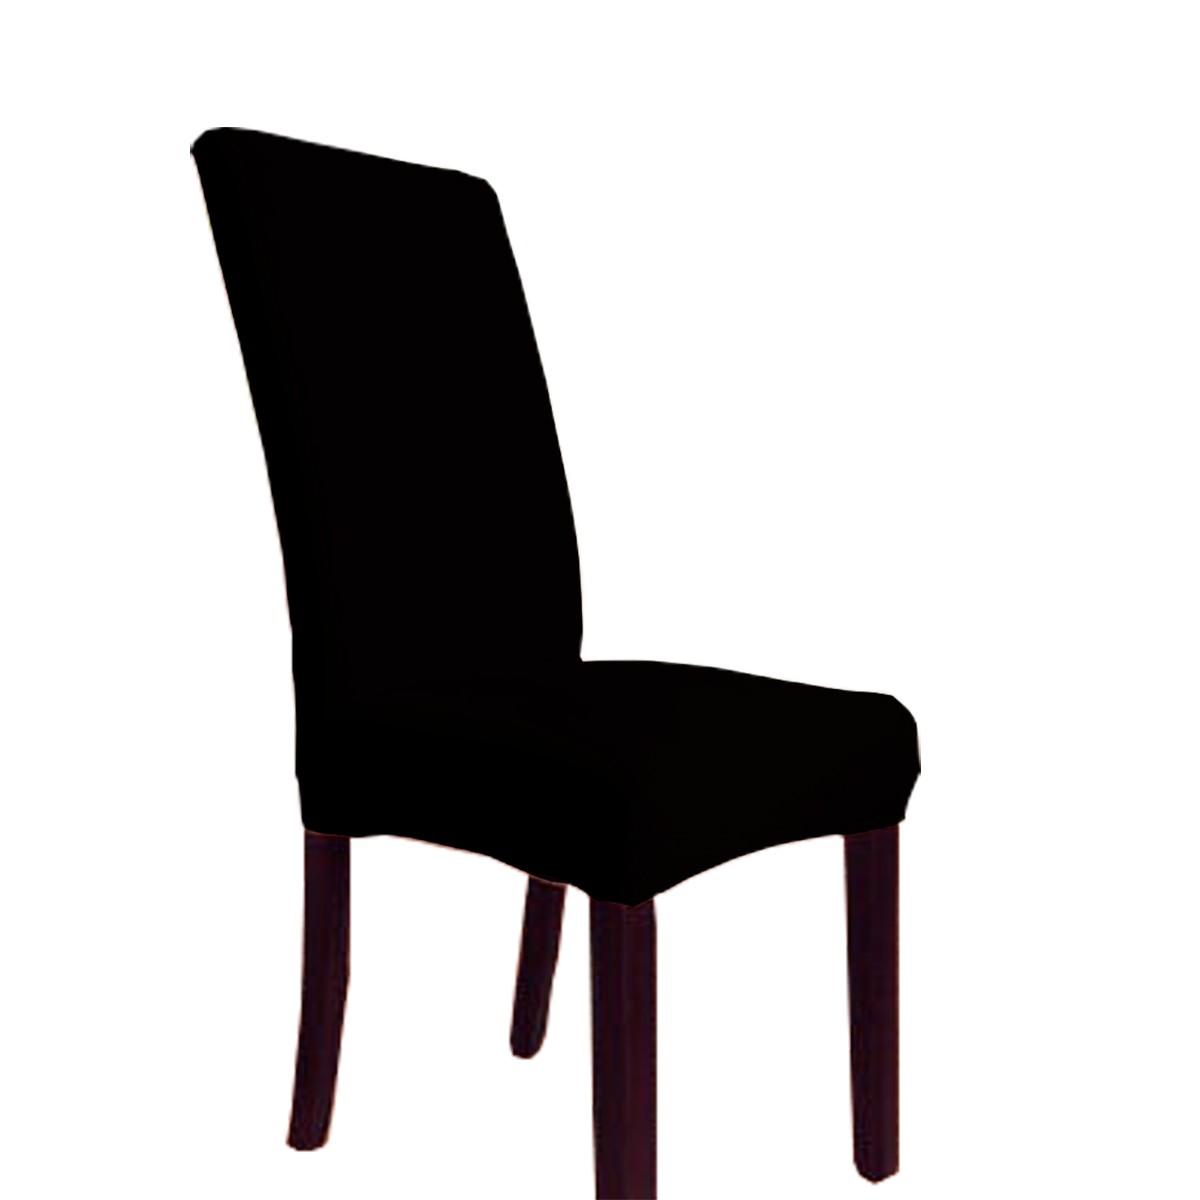 Capa Para Cadeira Avulsa Cacharrel tam Unico Preto